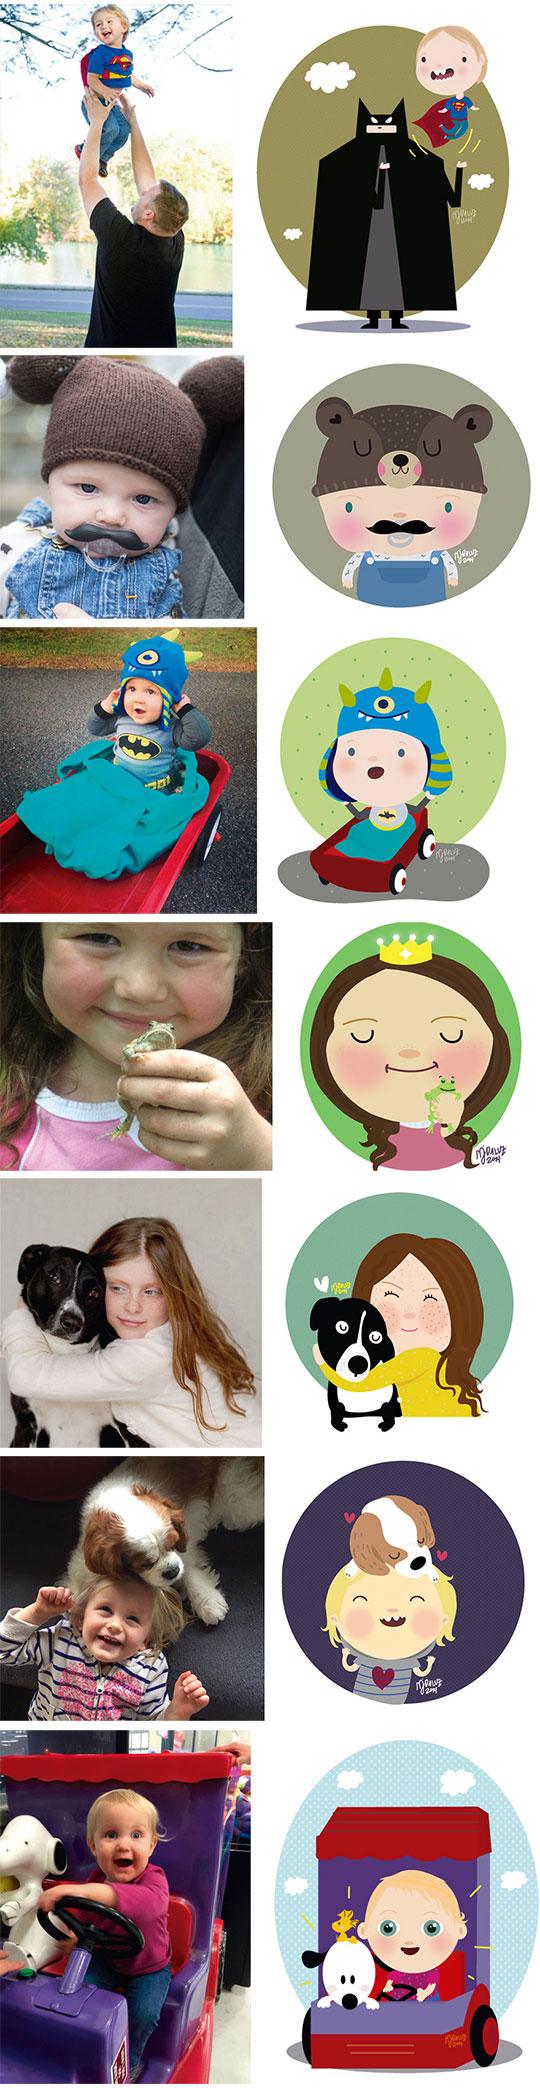 cute-kids-photographs-cartoon-cool